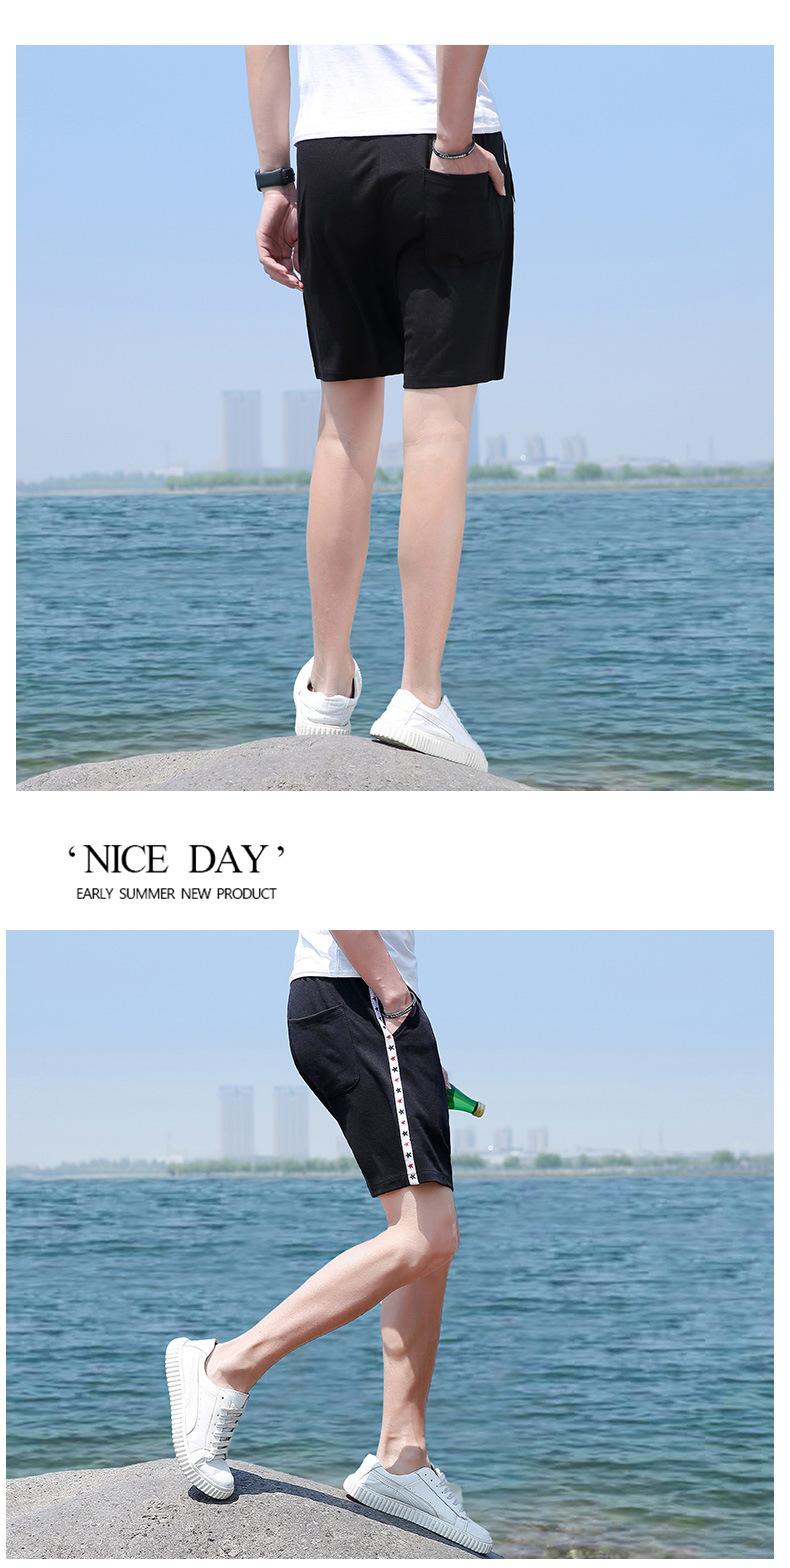 夏季男士短裤 中国风运动速干弹力沙滩裤 透气修身五分裤示例图9